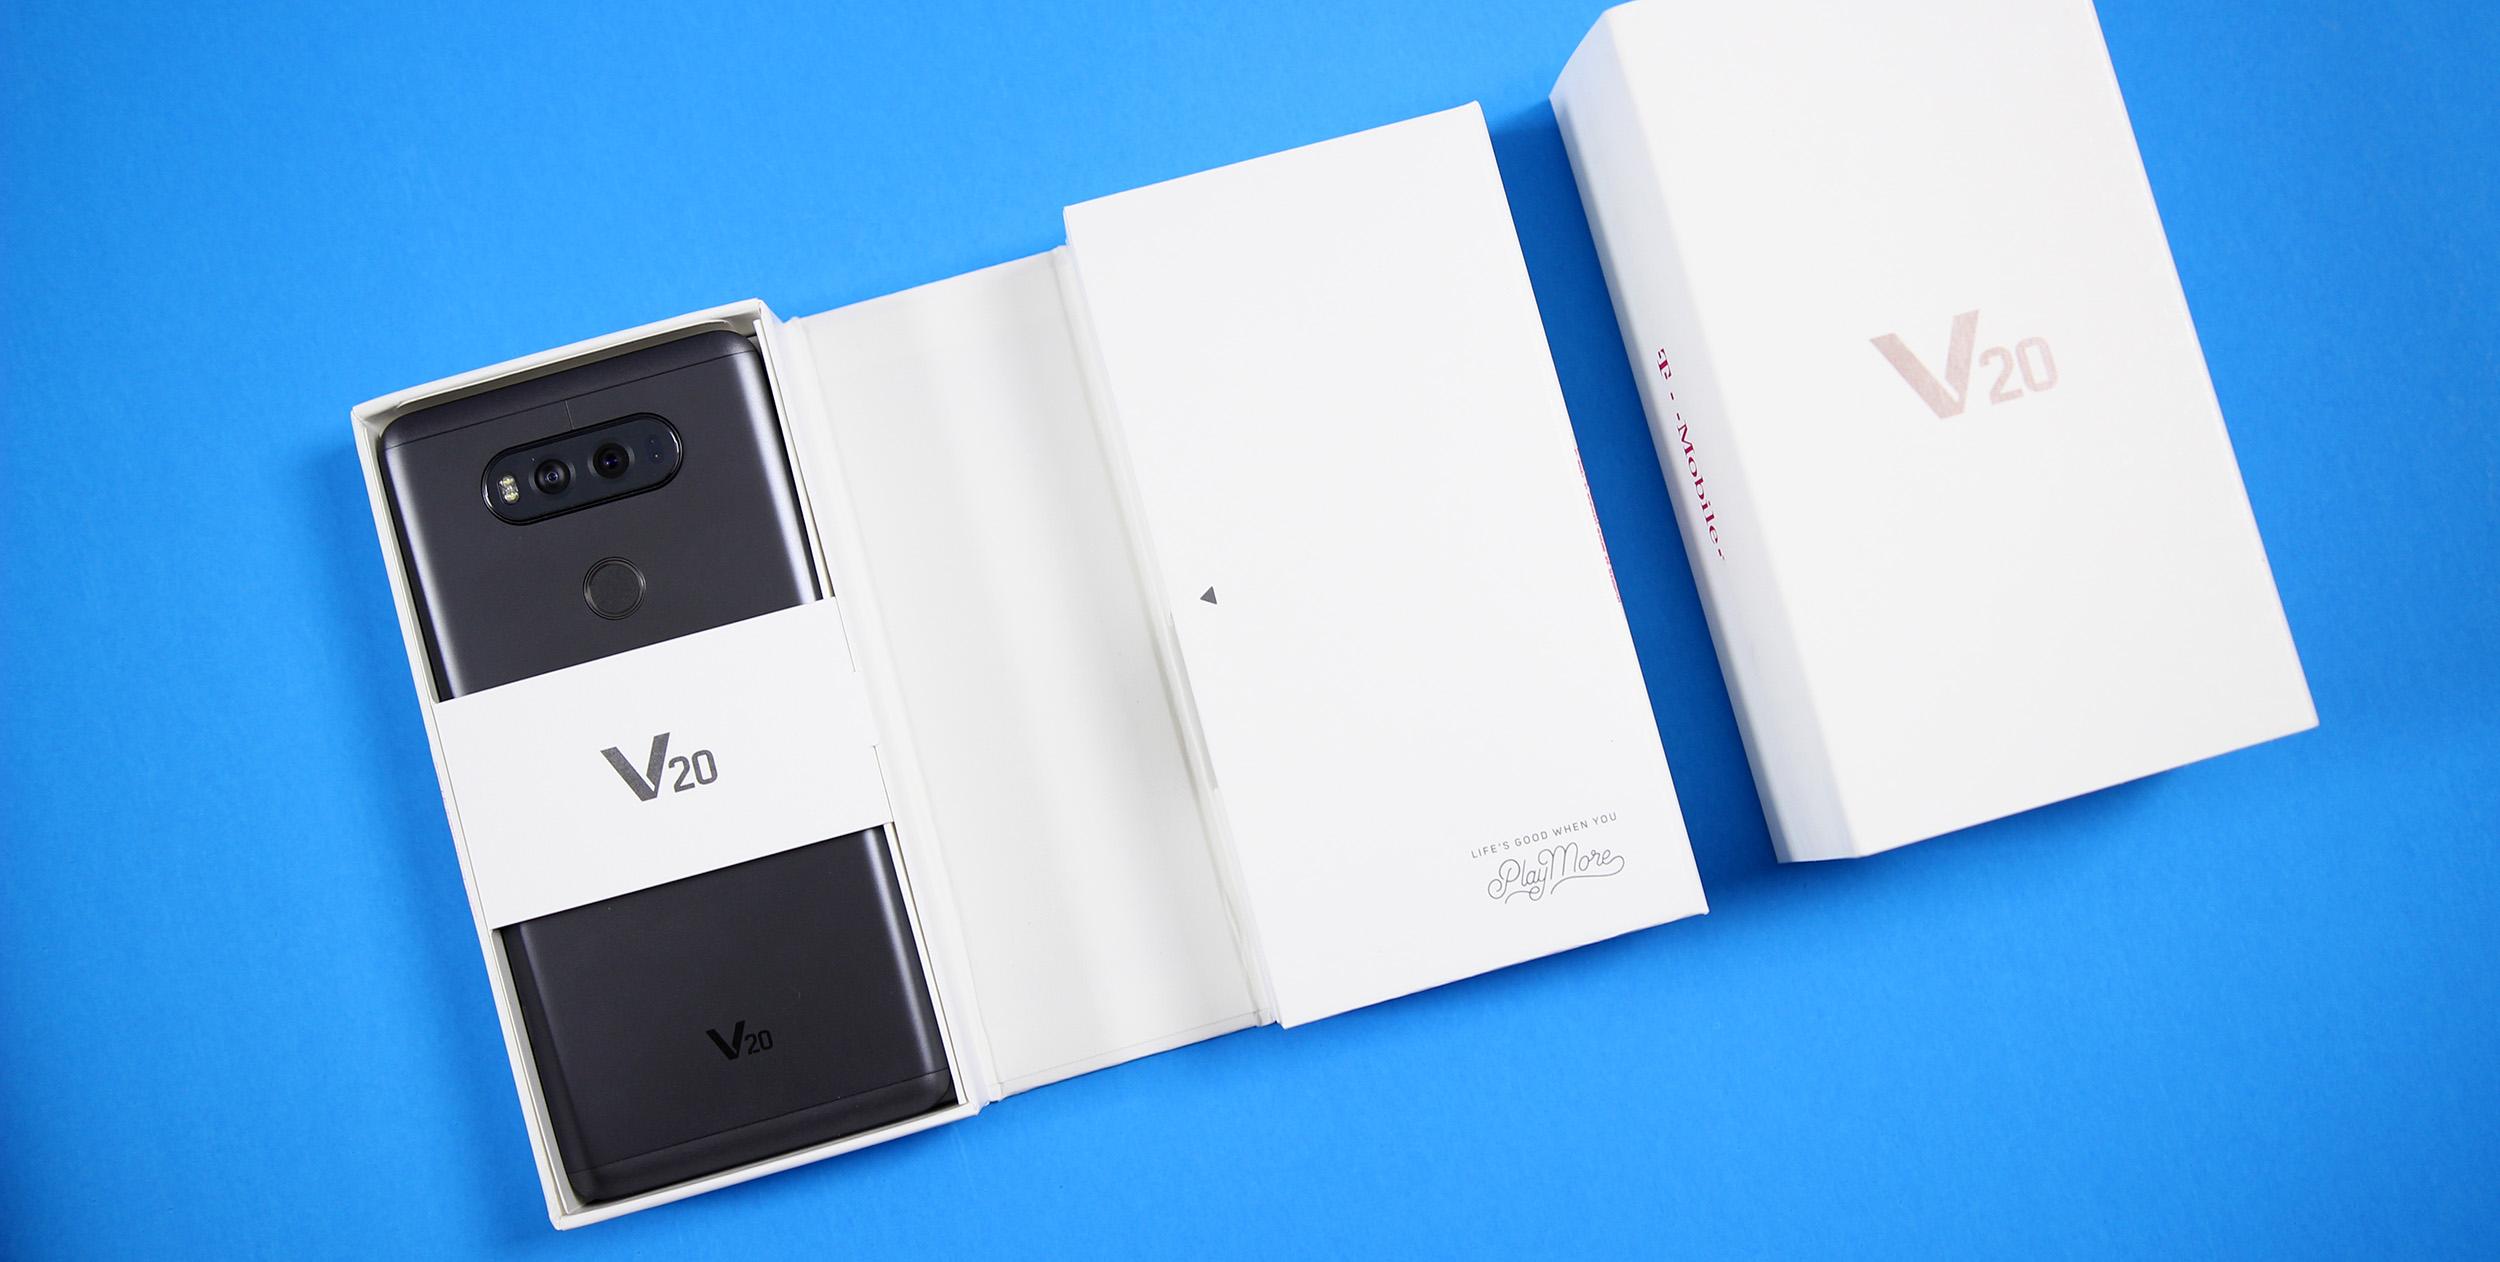 LG V20 Box